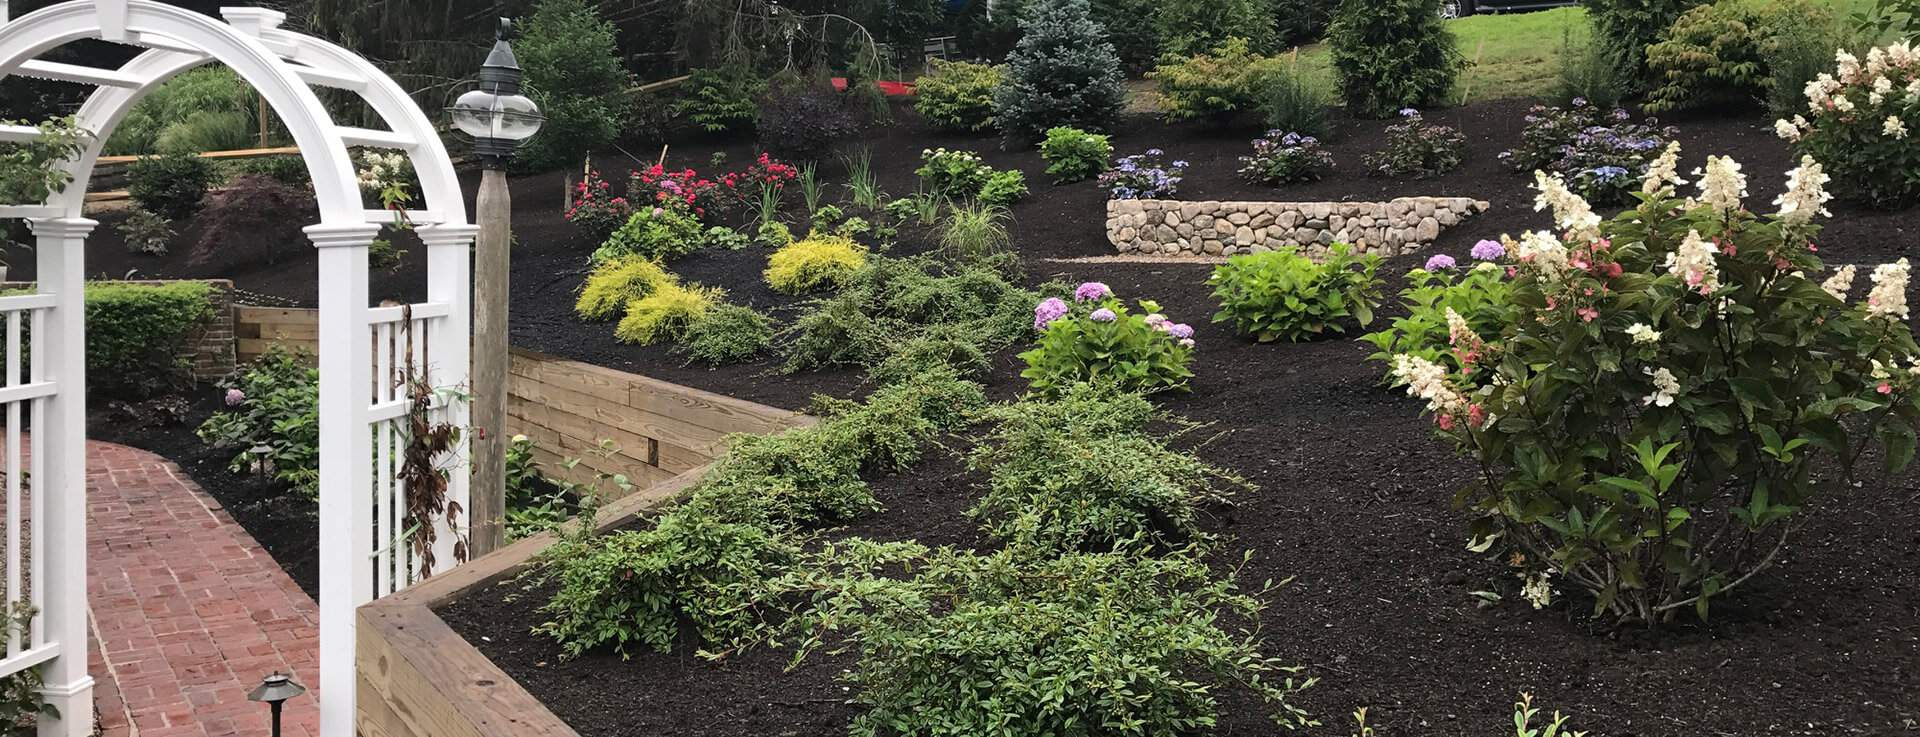 Tim Acton Landscaping